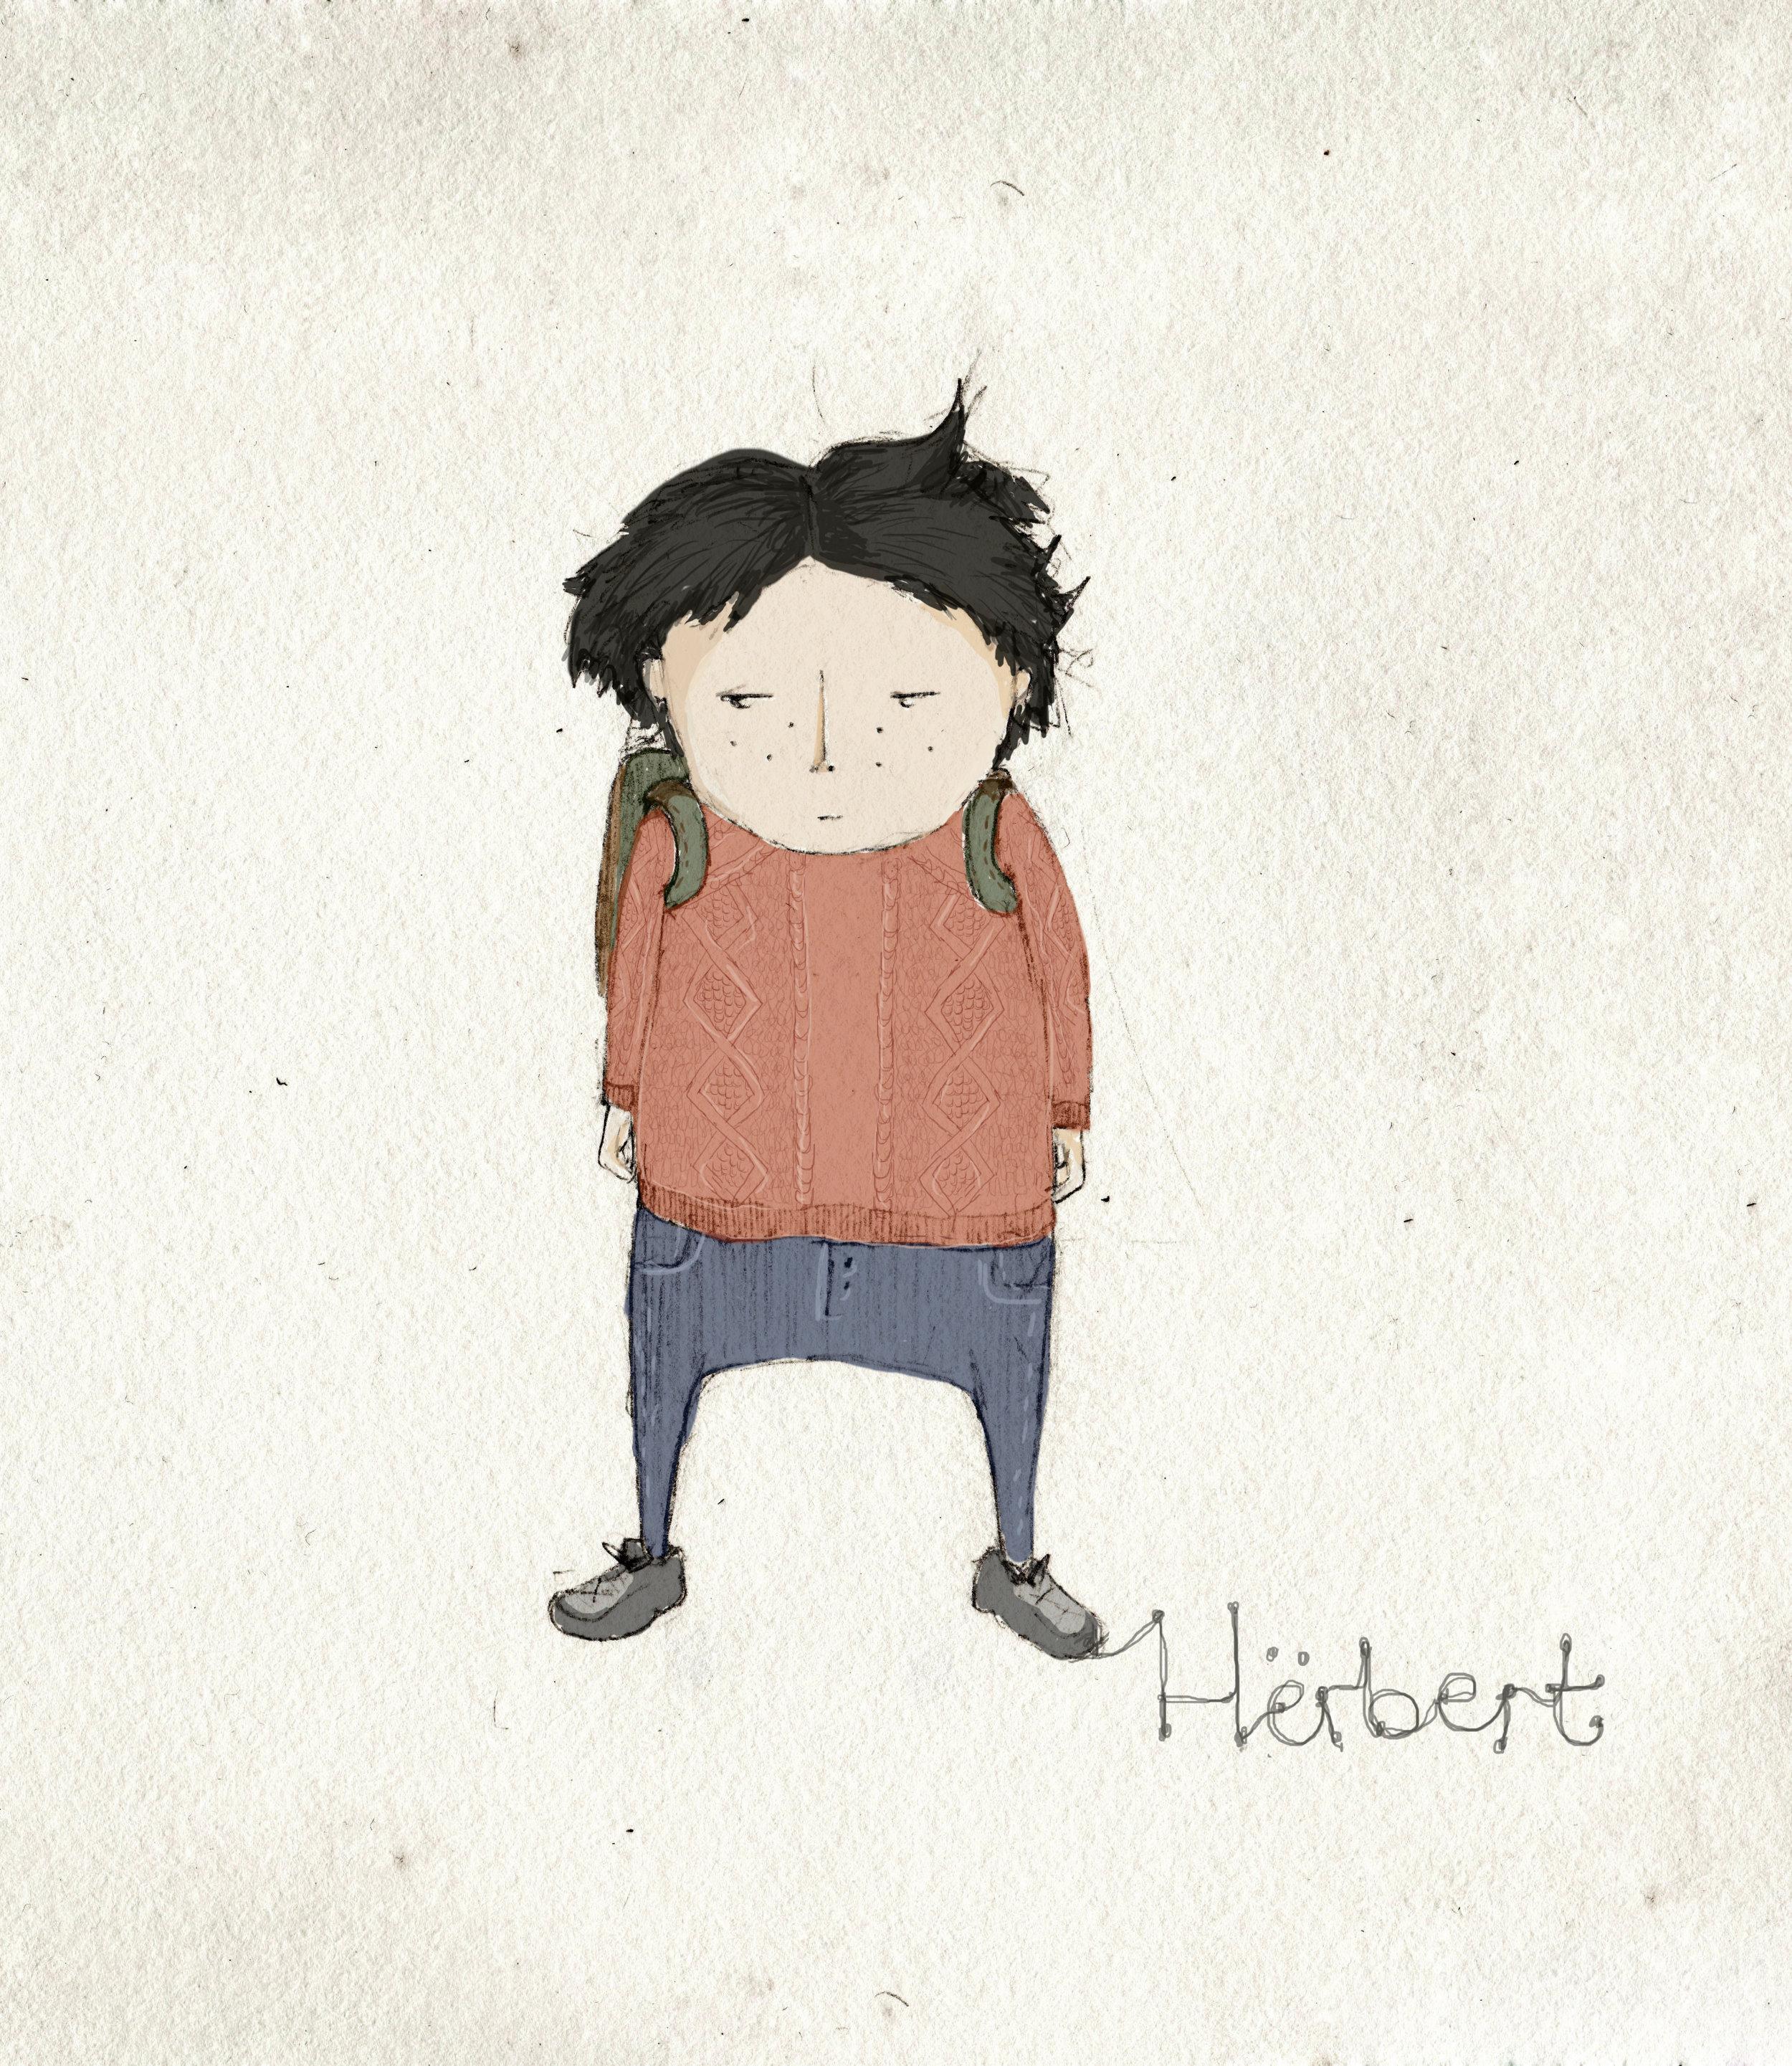 Herbert_colour.jpg